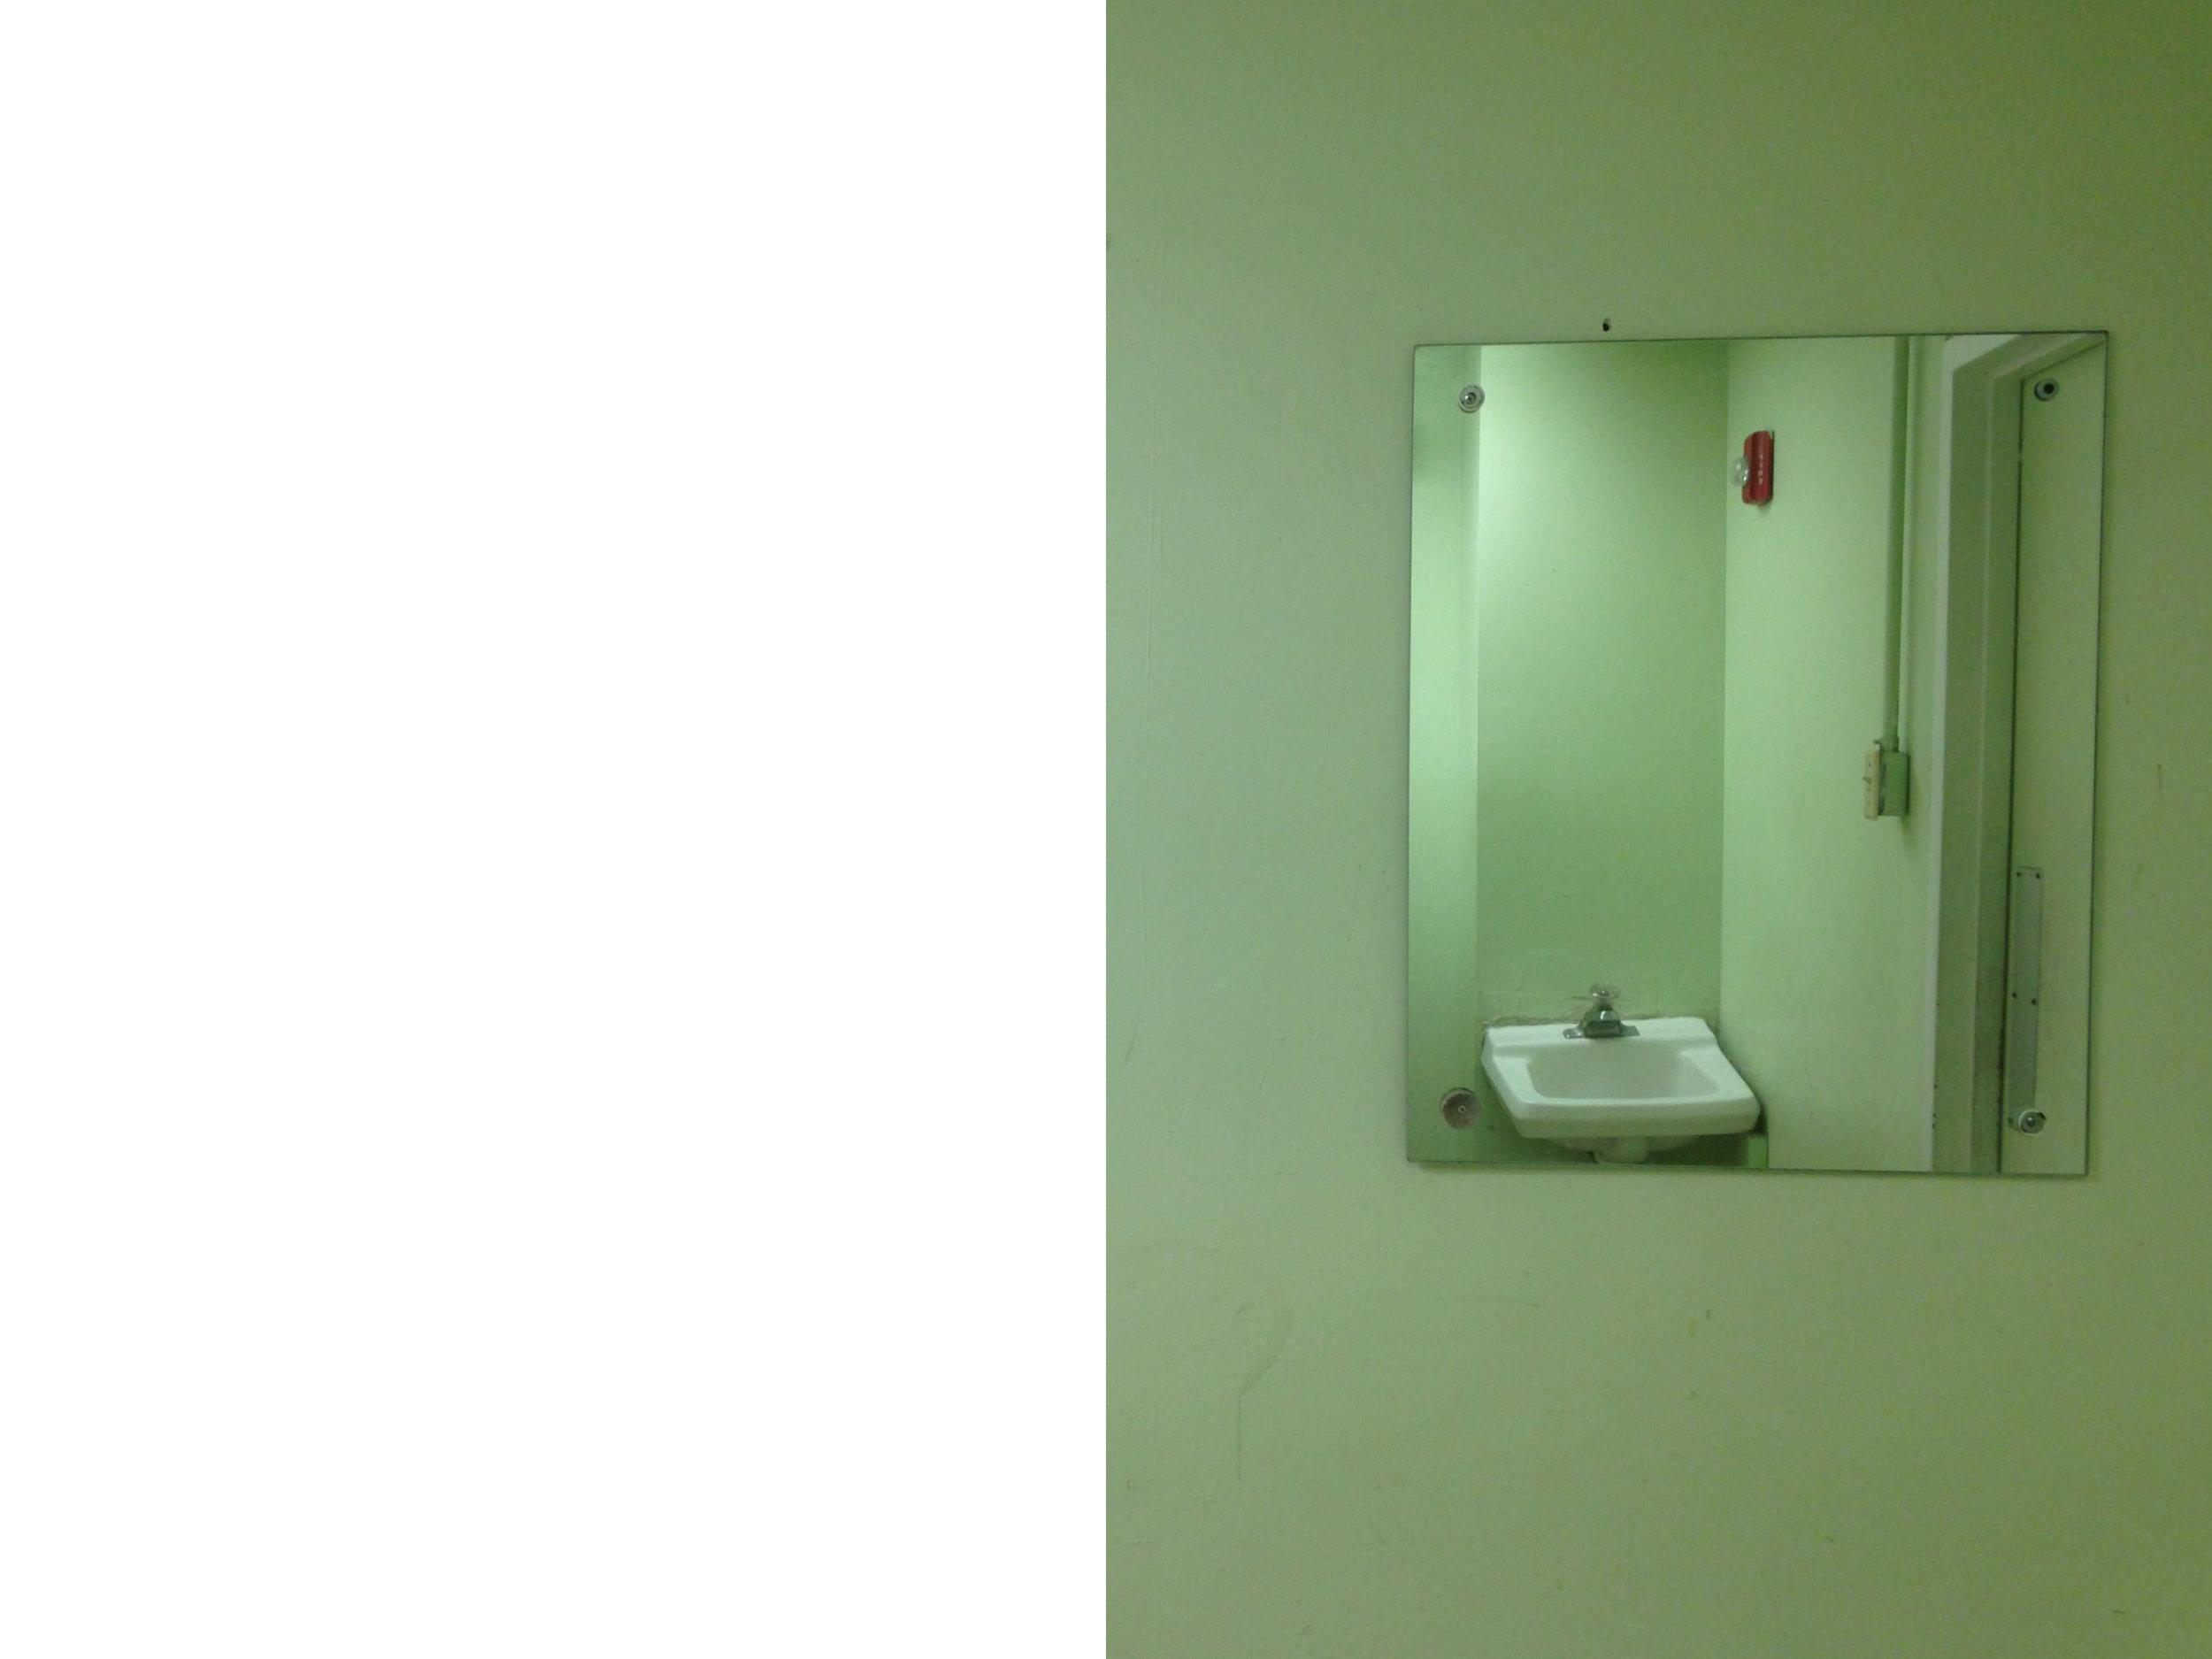 BathroomBook-1.jpg